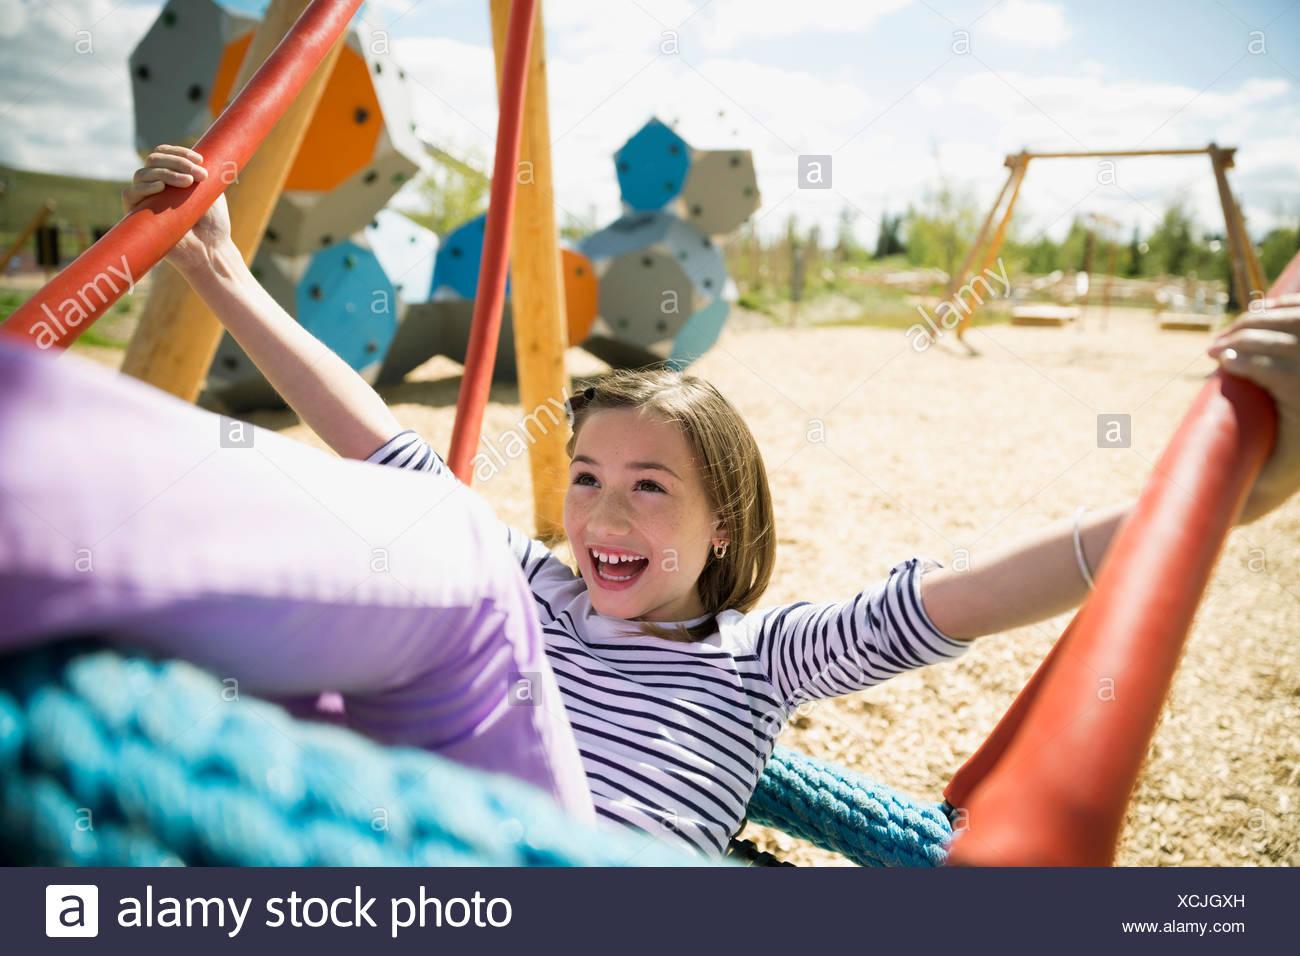 Begeisterte Mädchen schwingen auf sonnigen Spielplatz Stockbild